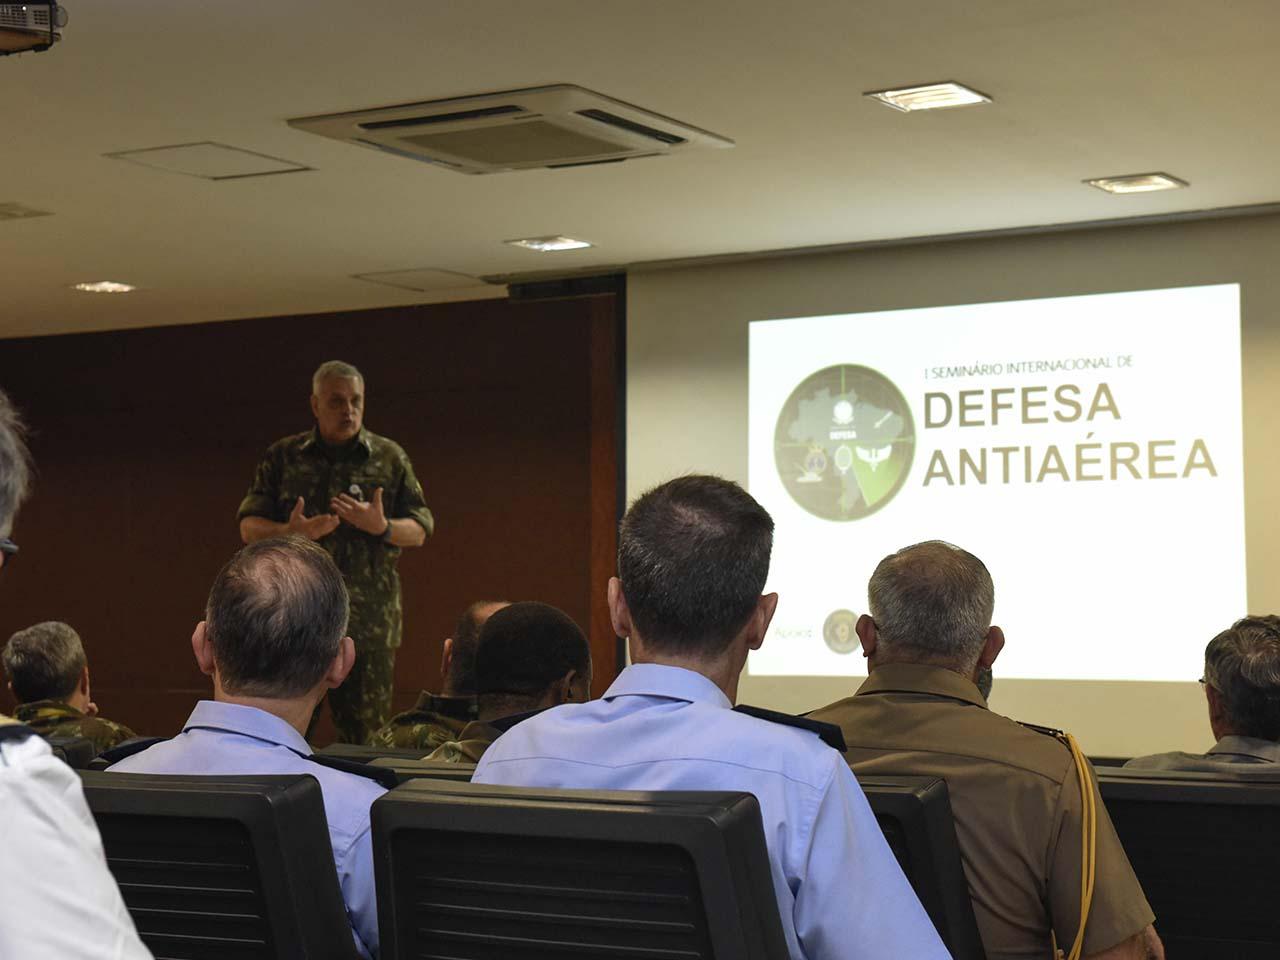 Seminário Internacional de Defesa Antiaérea gera integração de especialistas e expõe tendências do mercado